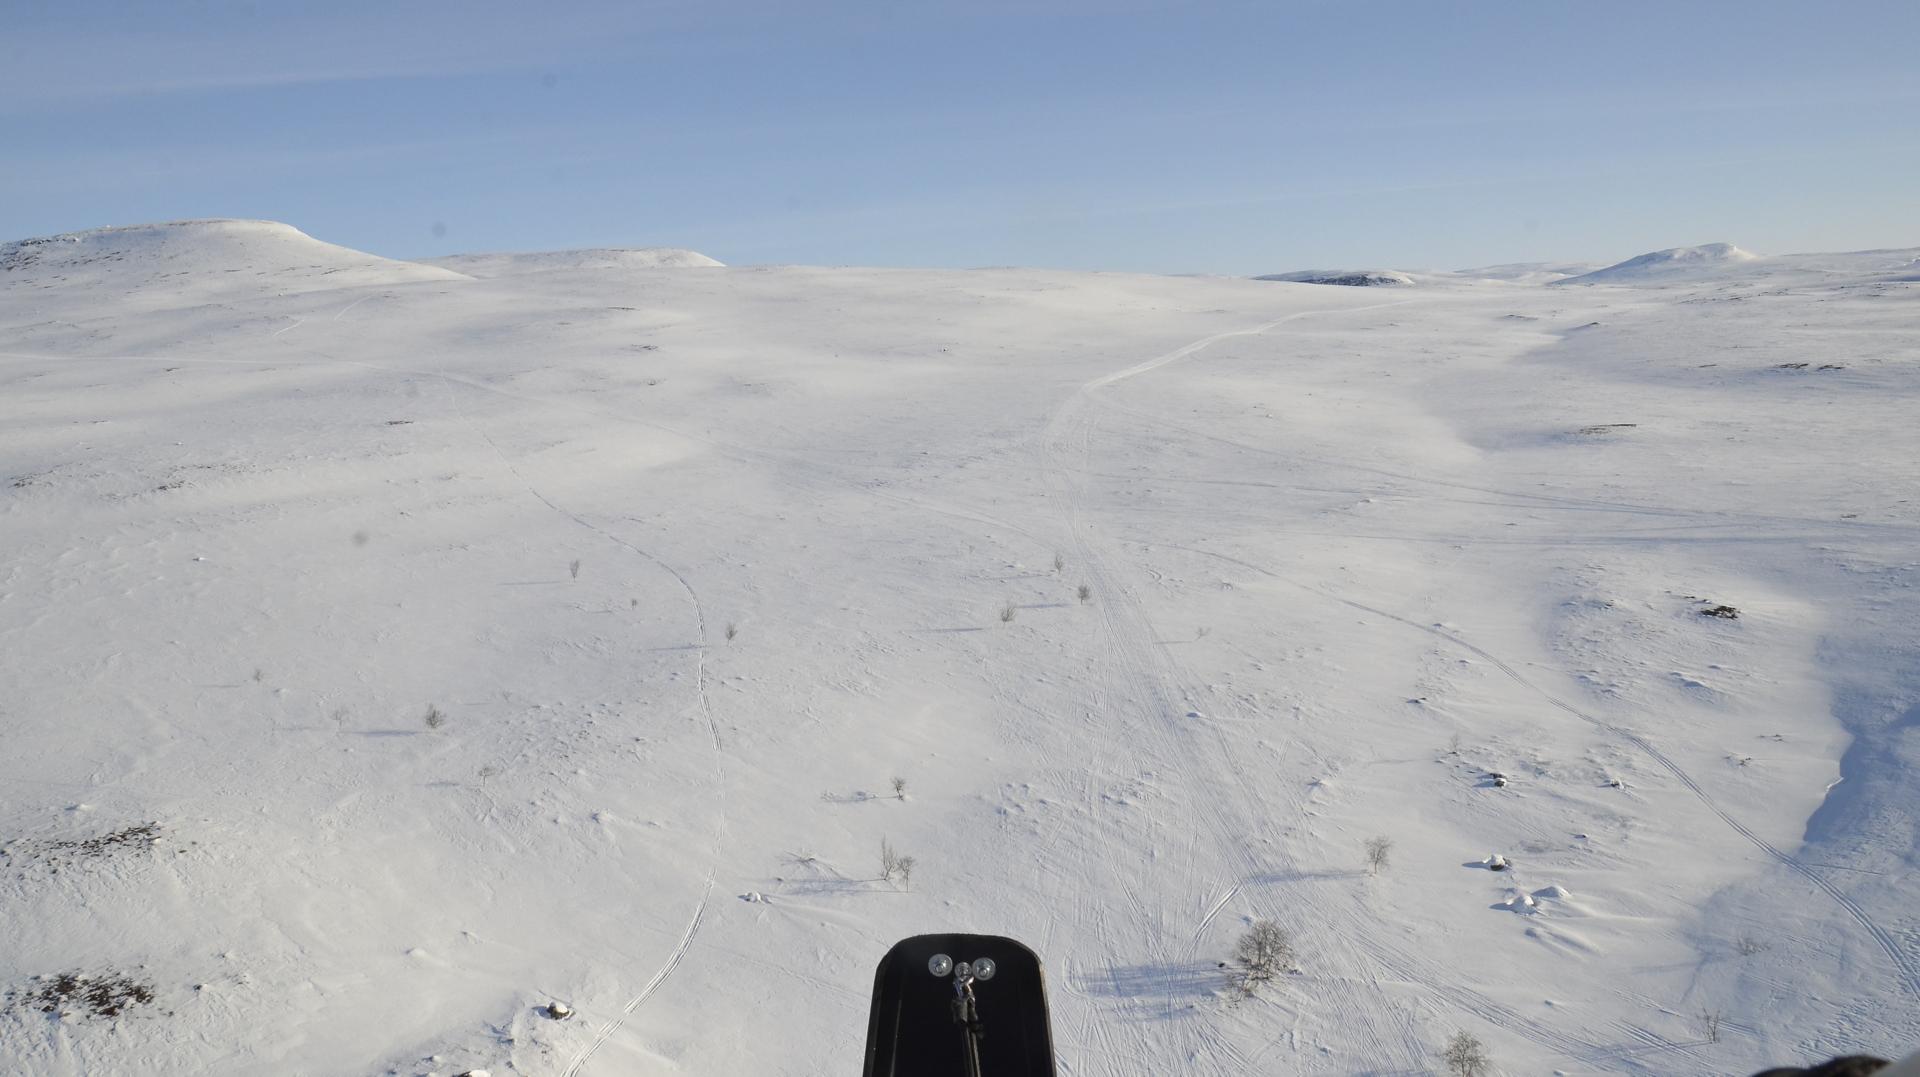 Sitten matkaan ja kipuamaan kohden Haltin huippua, jonne matkaa reilut 40km ja korkeuseroa n.750m